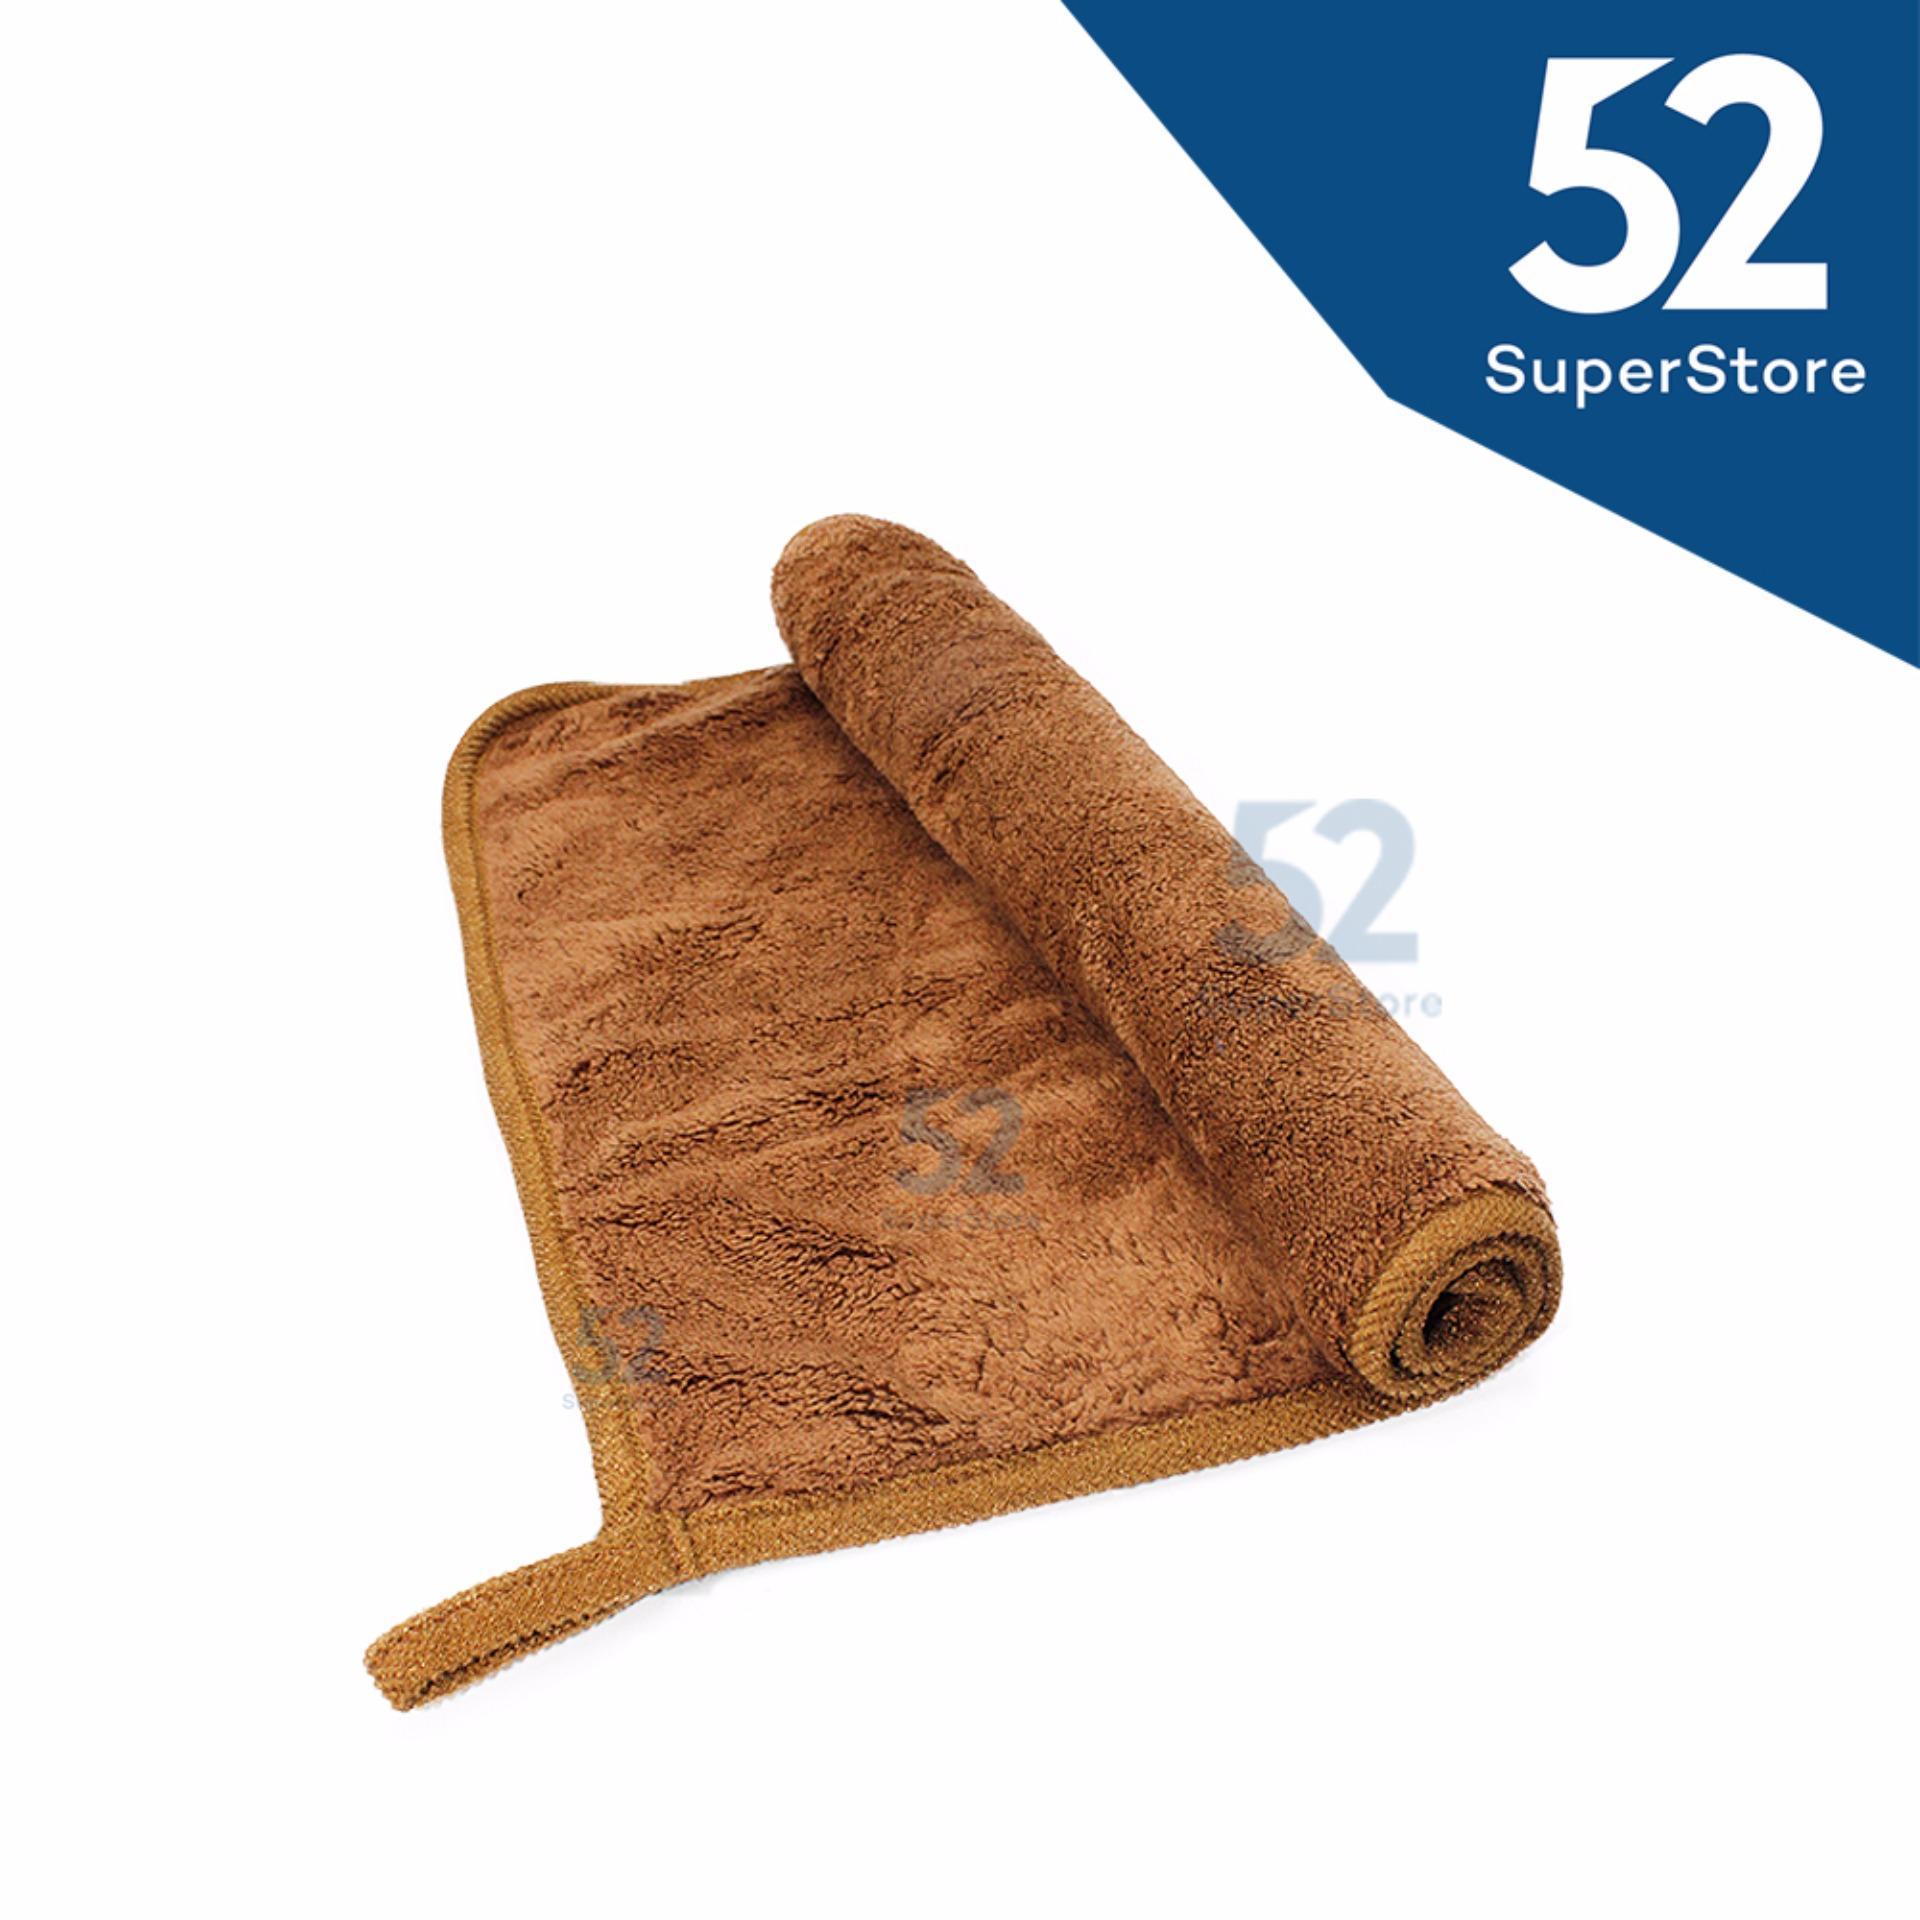 Harga preferensial 52 Home Kain Lap / Serbet 1609-422 - Brown Ukuran 38x30 cm